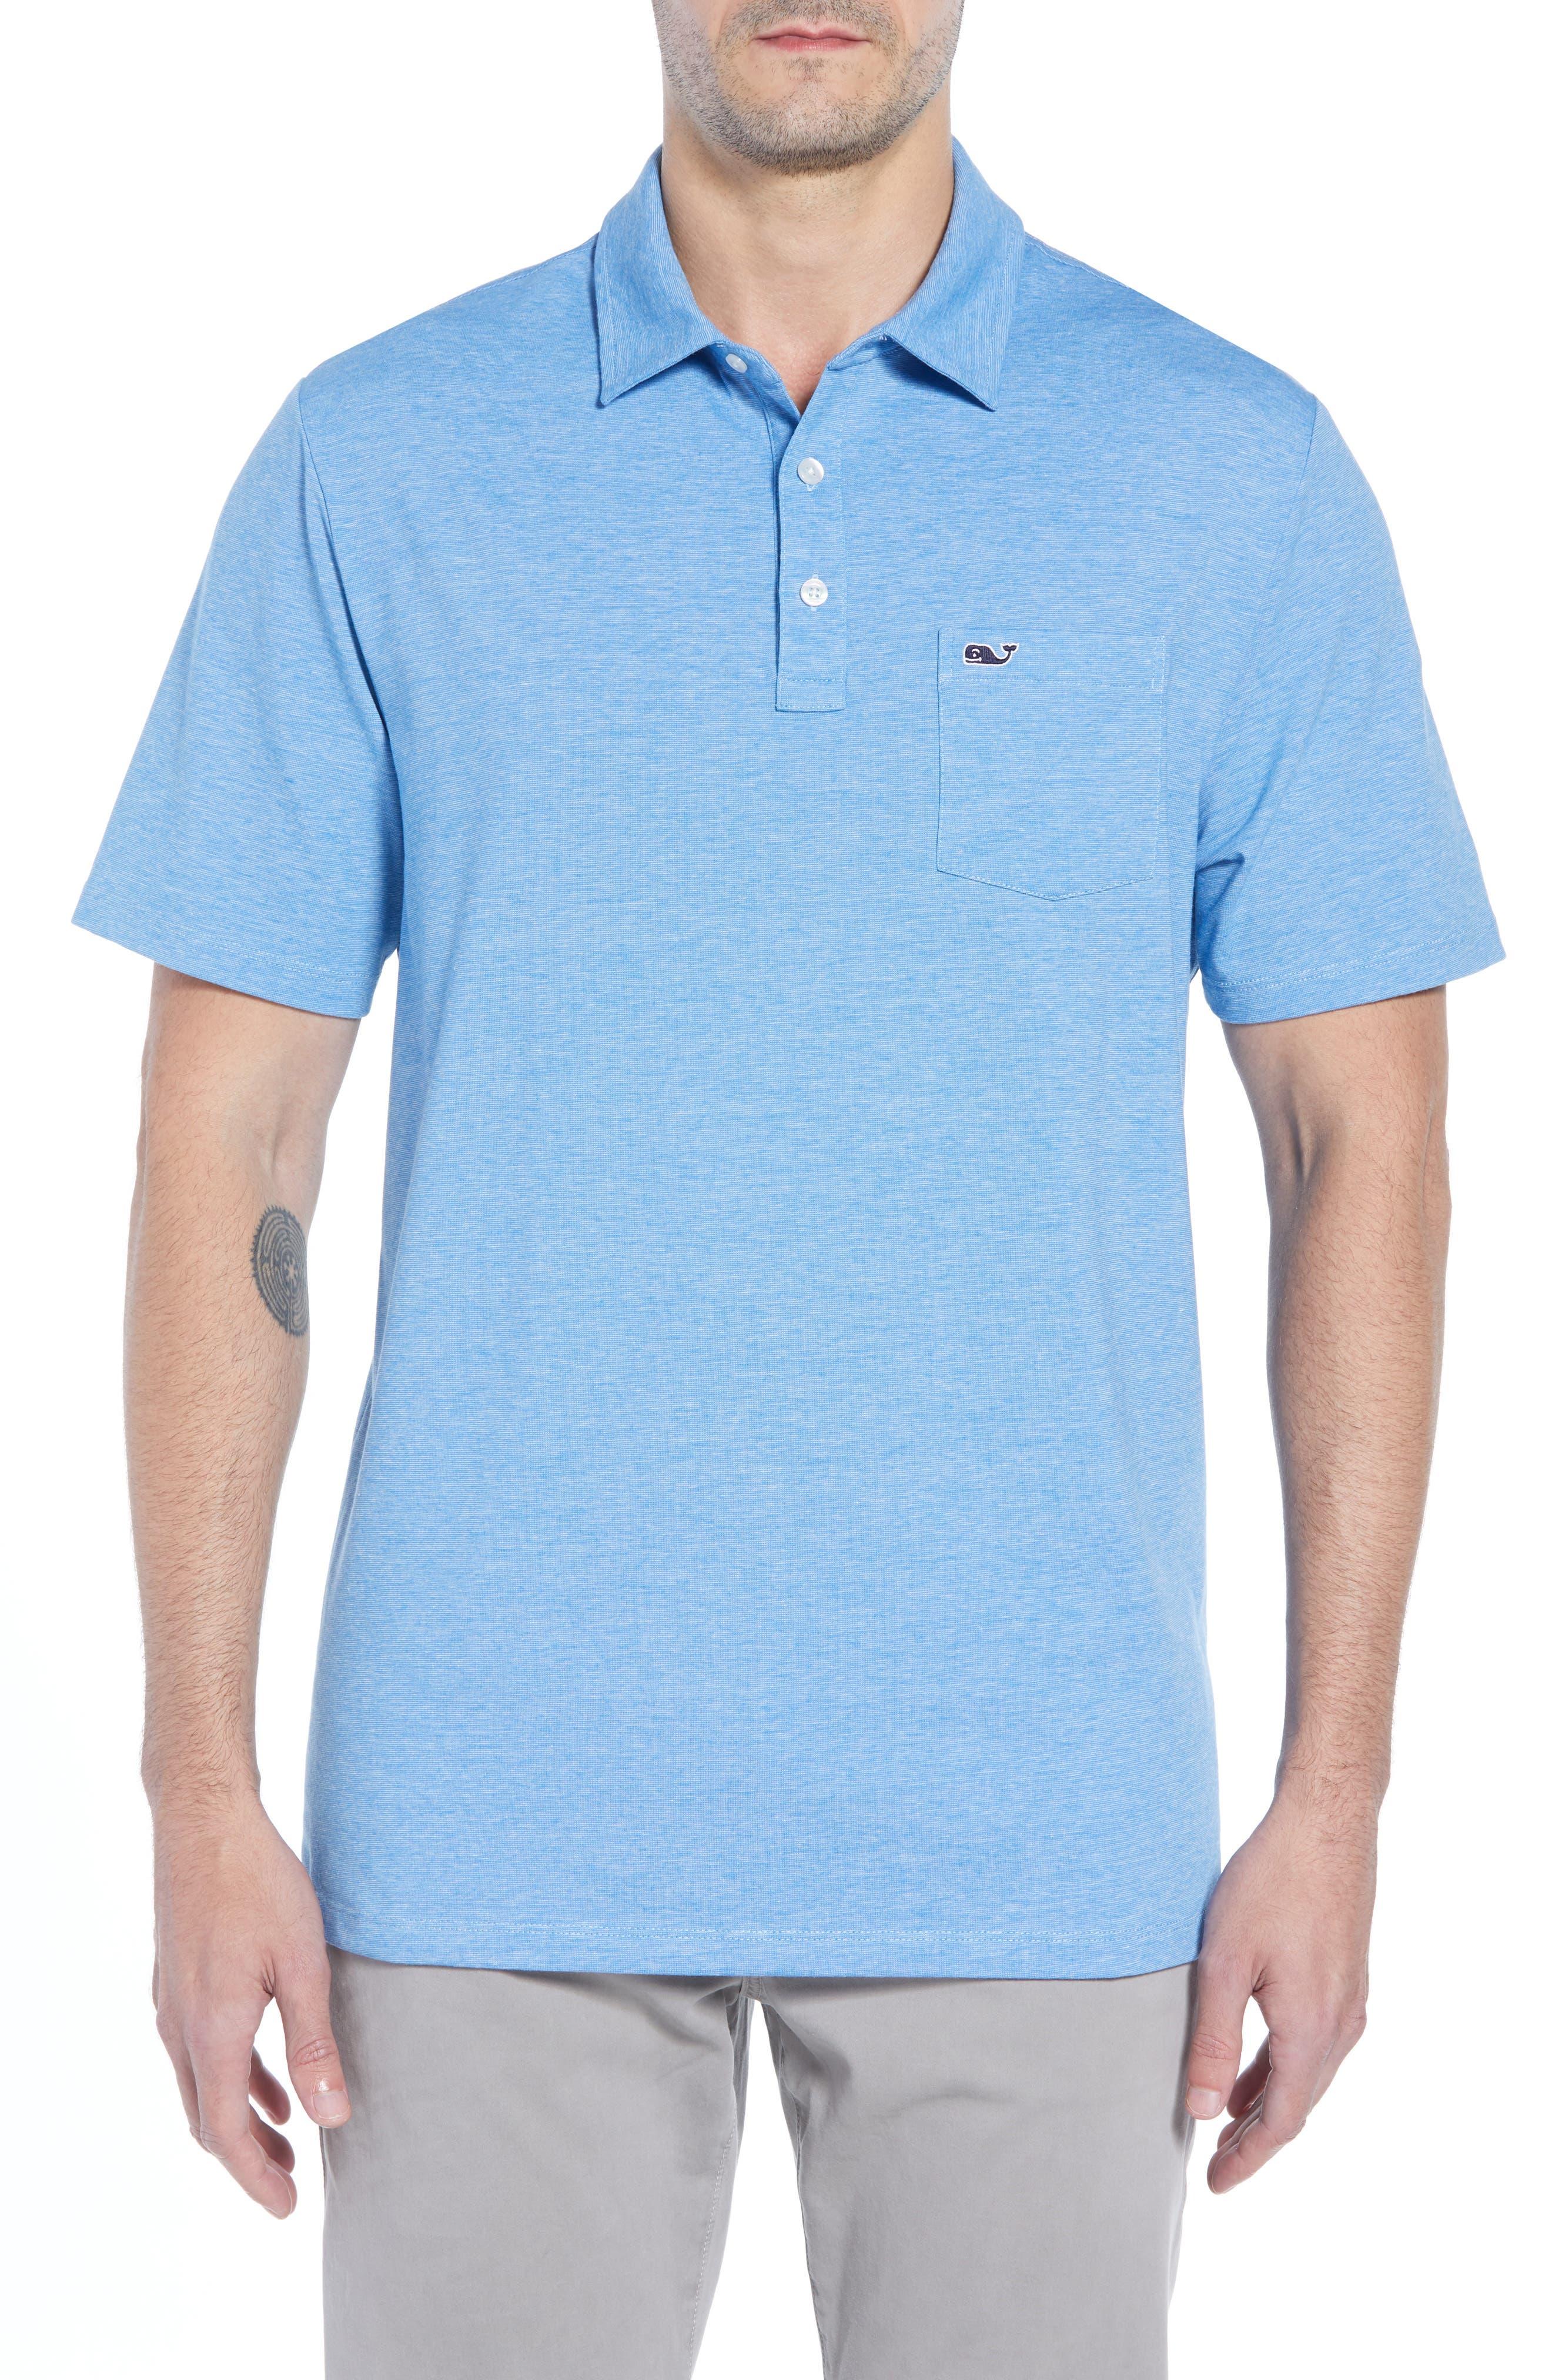 7ee03c89e Men s Polo Shirts